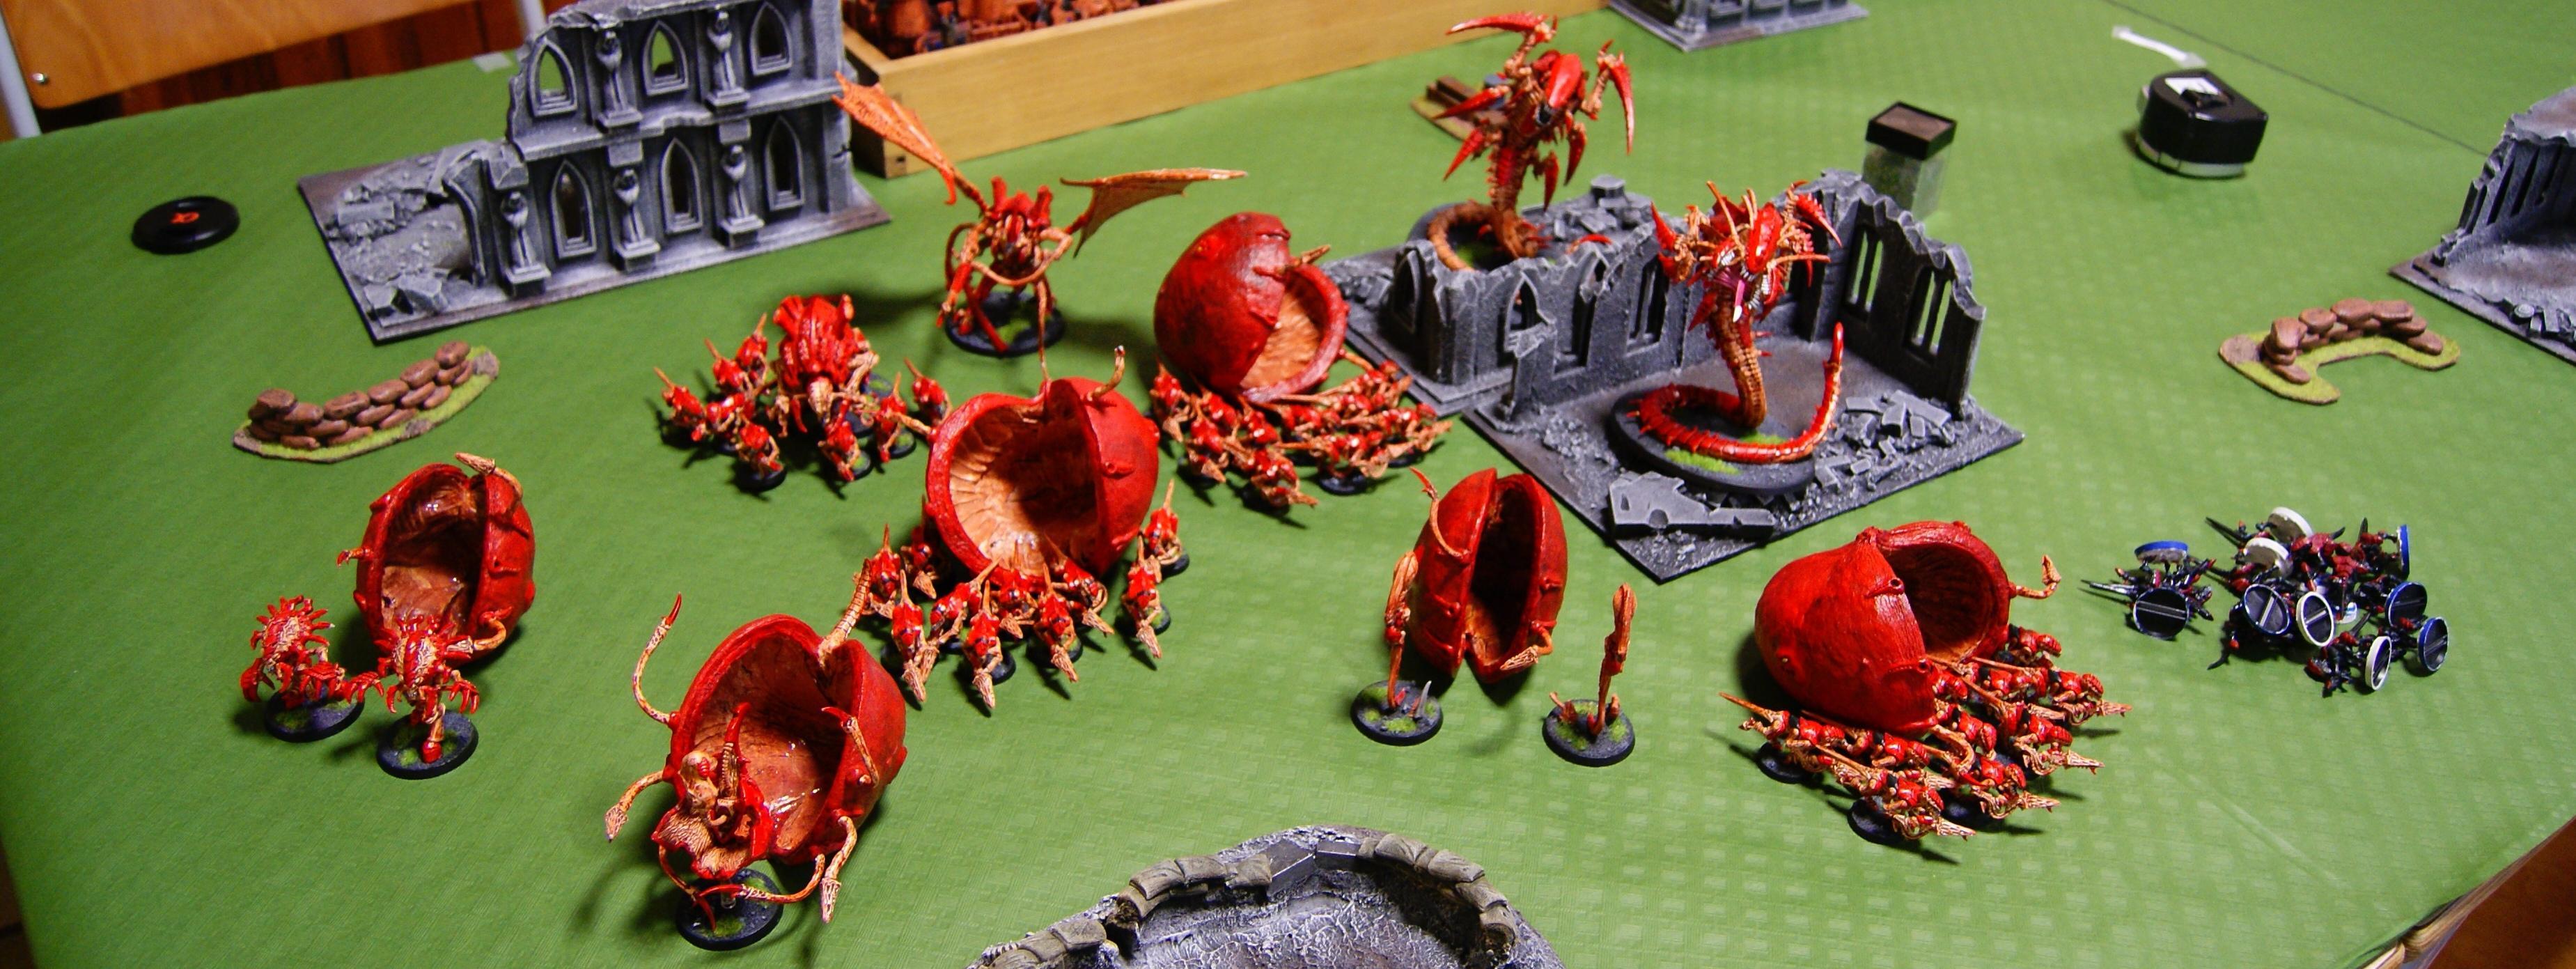 Team Championships 2011, Warhammer 40,000